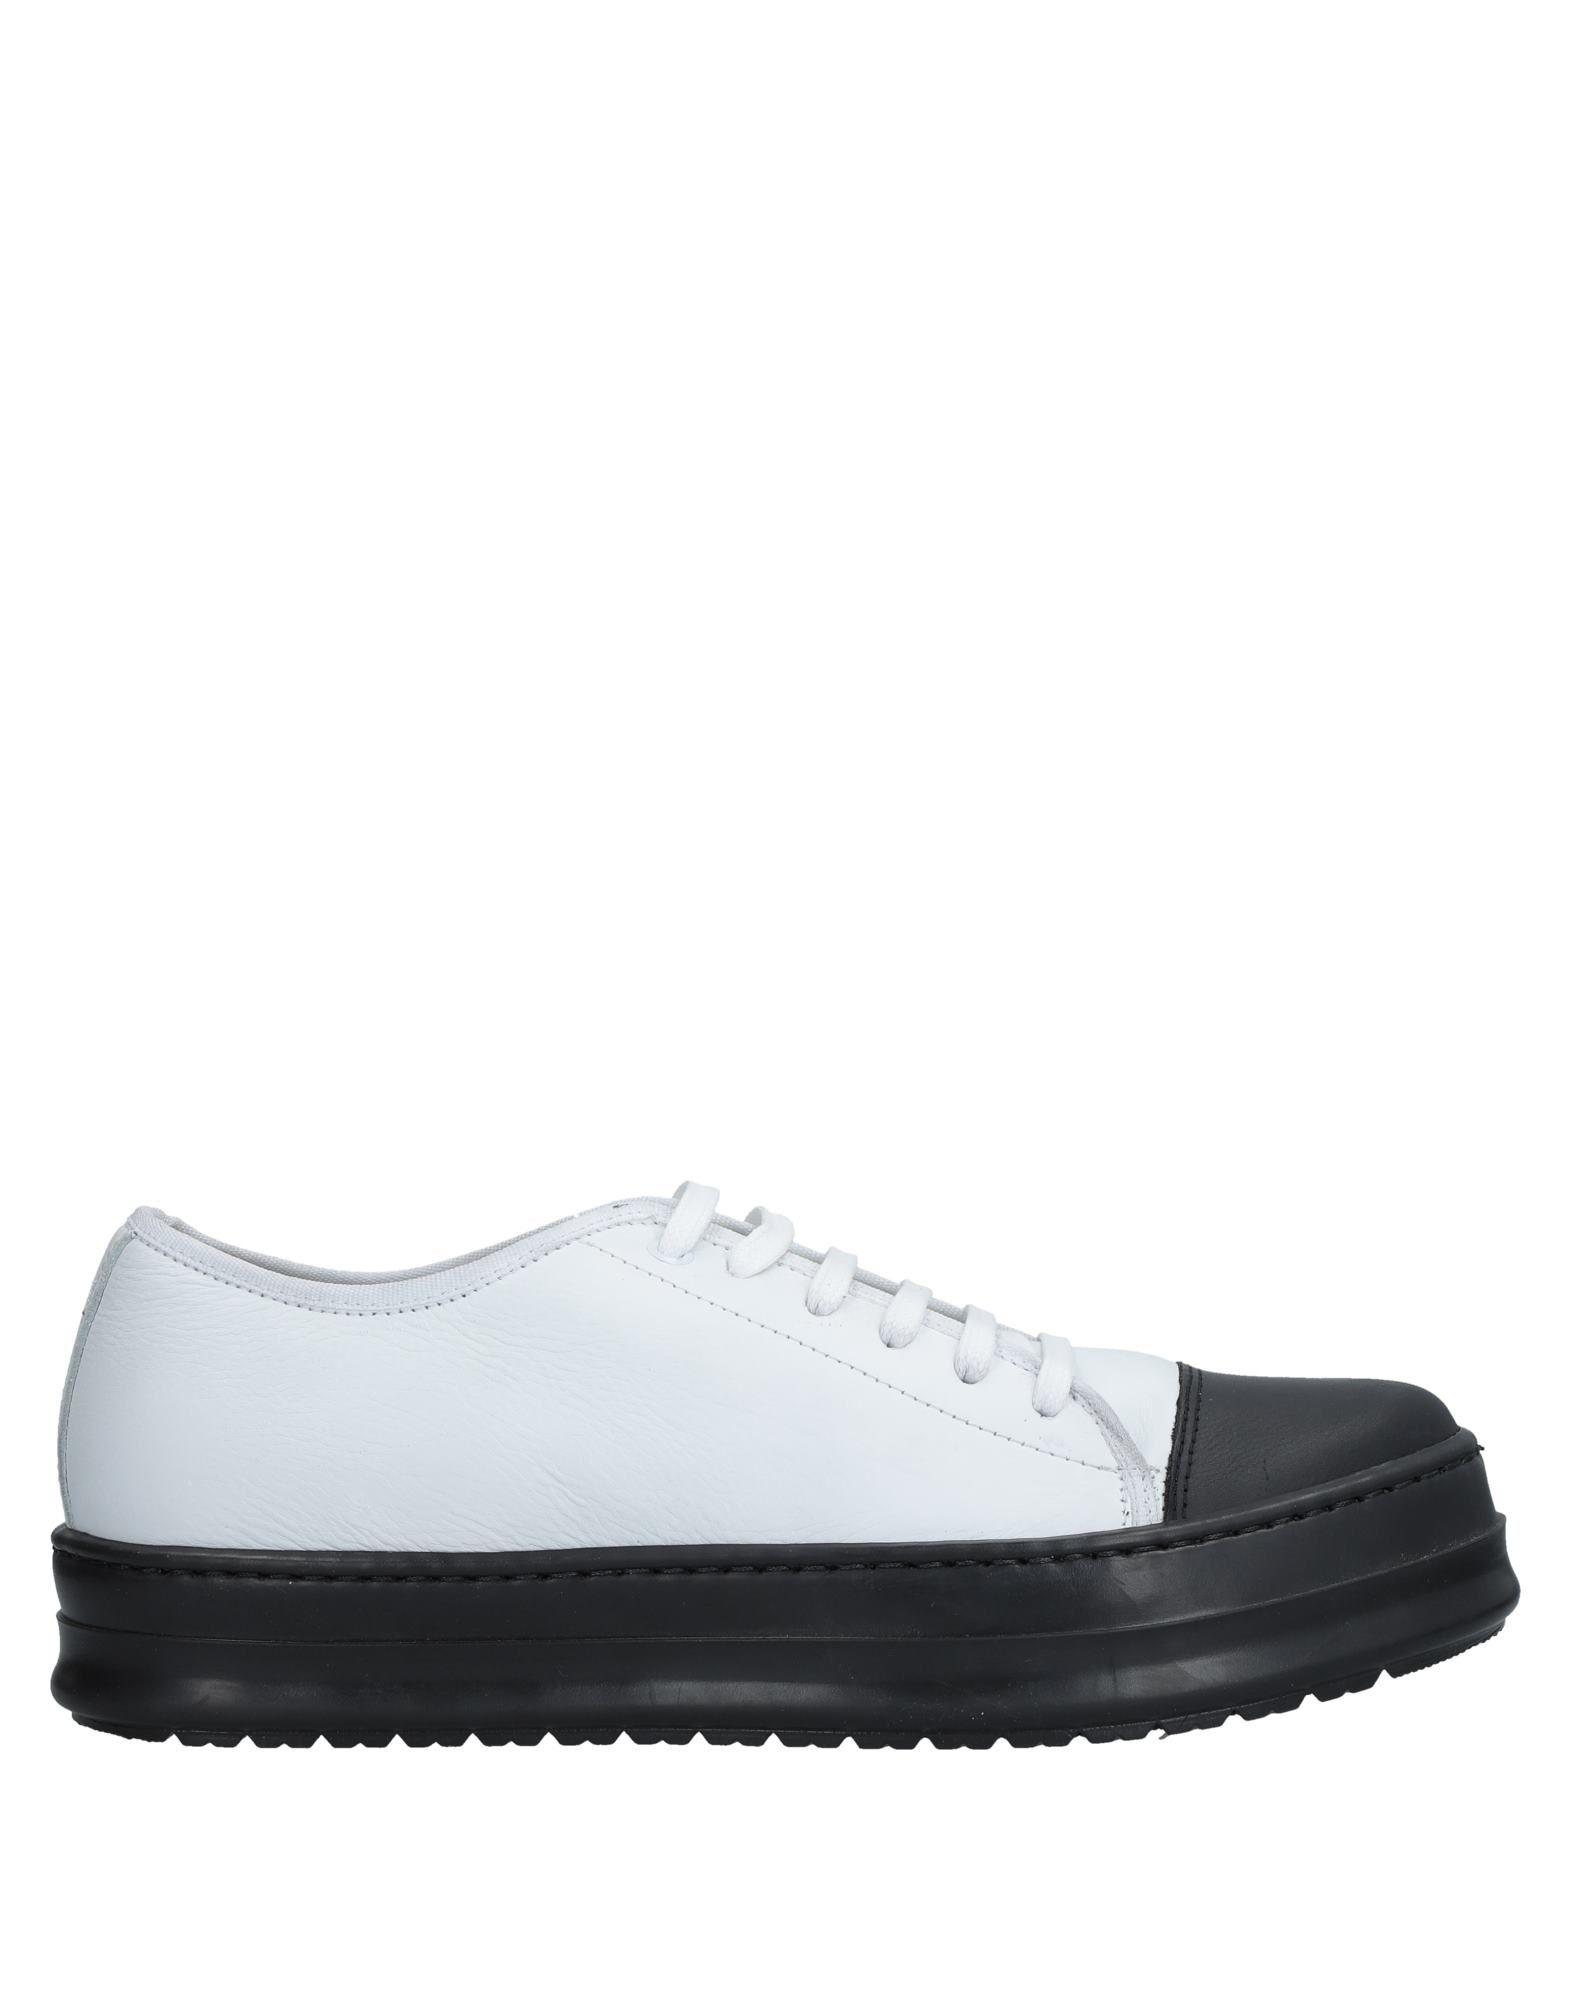 Bottega Marchigiana Sneakers Herren  11542349OK